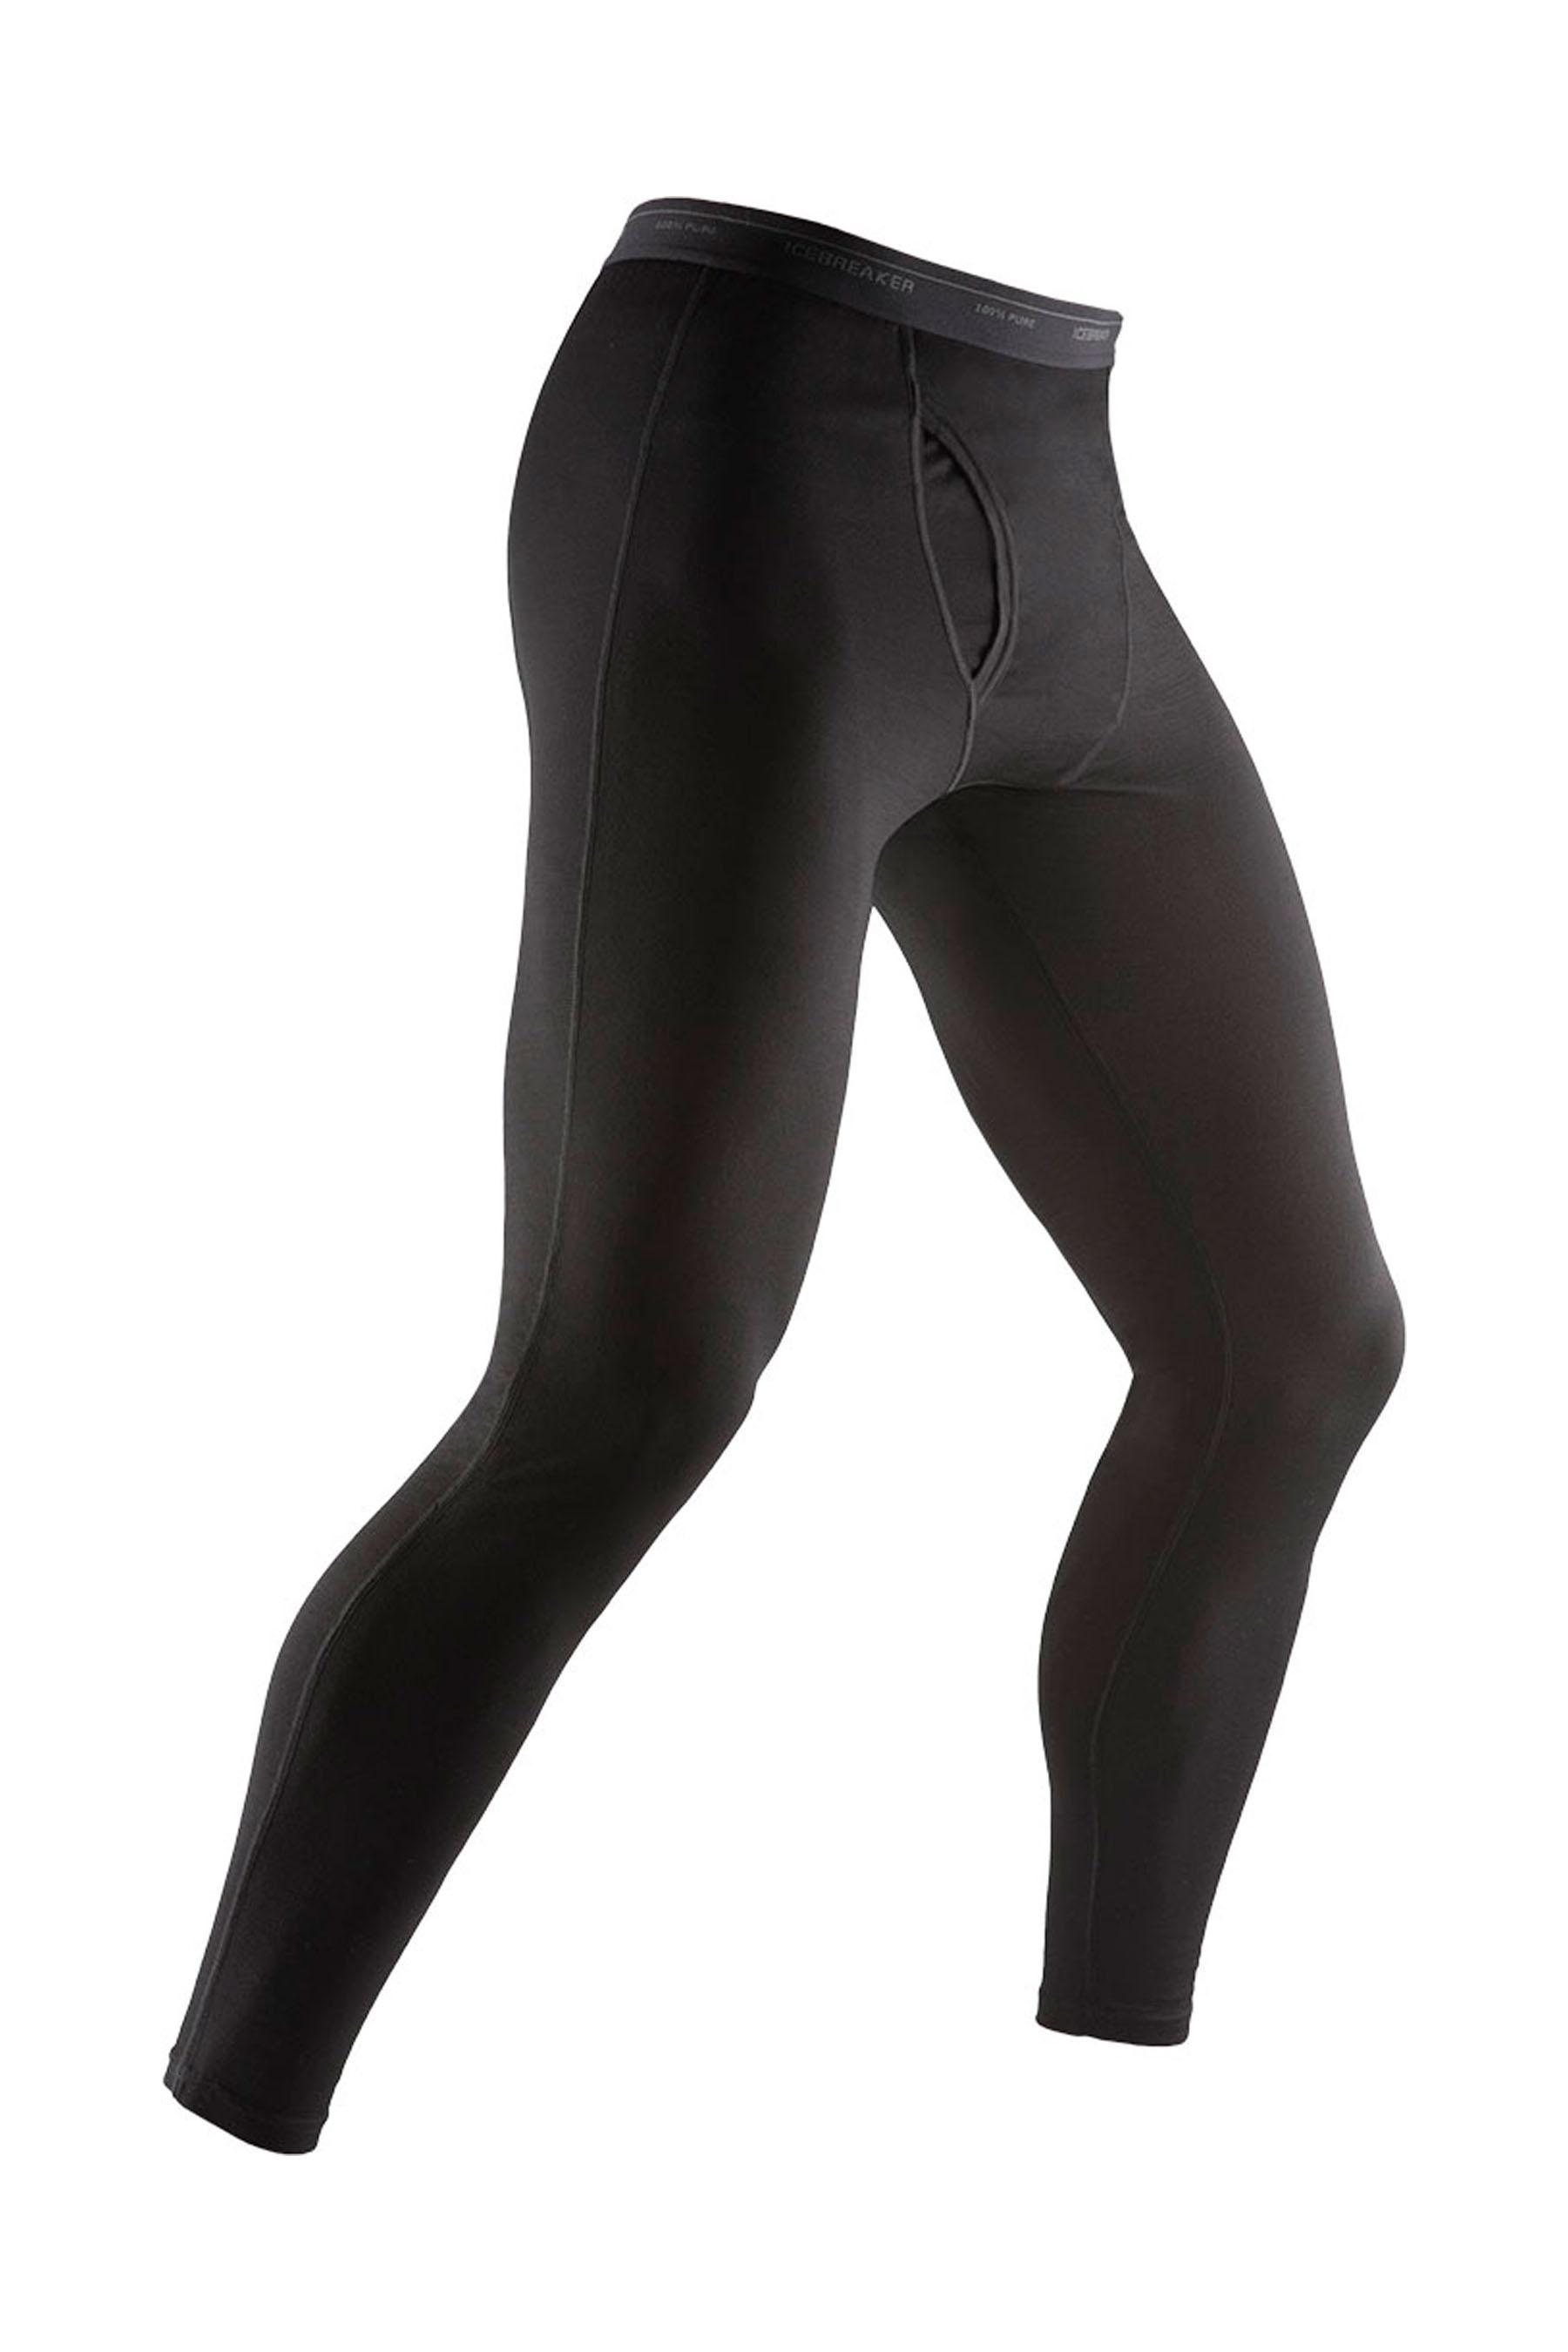 Long Underwear - Bottom  Icebreaker - Oasis Leggings w/Fly  100% merino wool - 220 weight